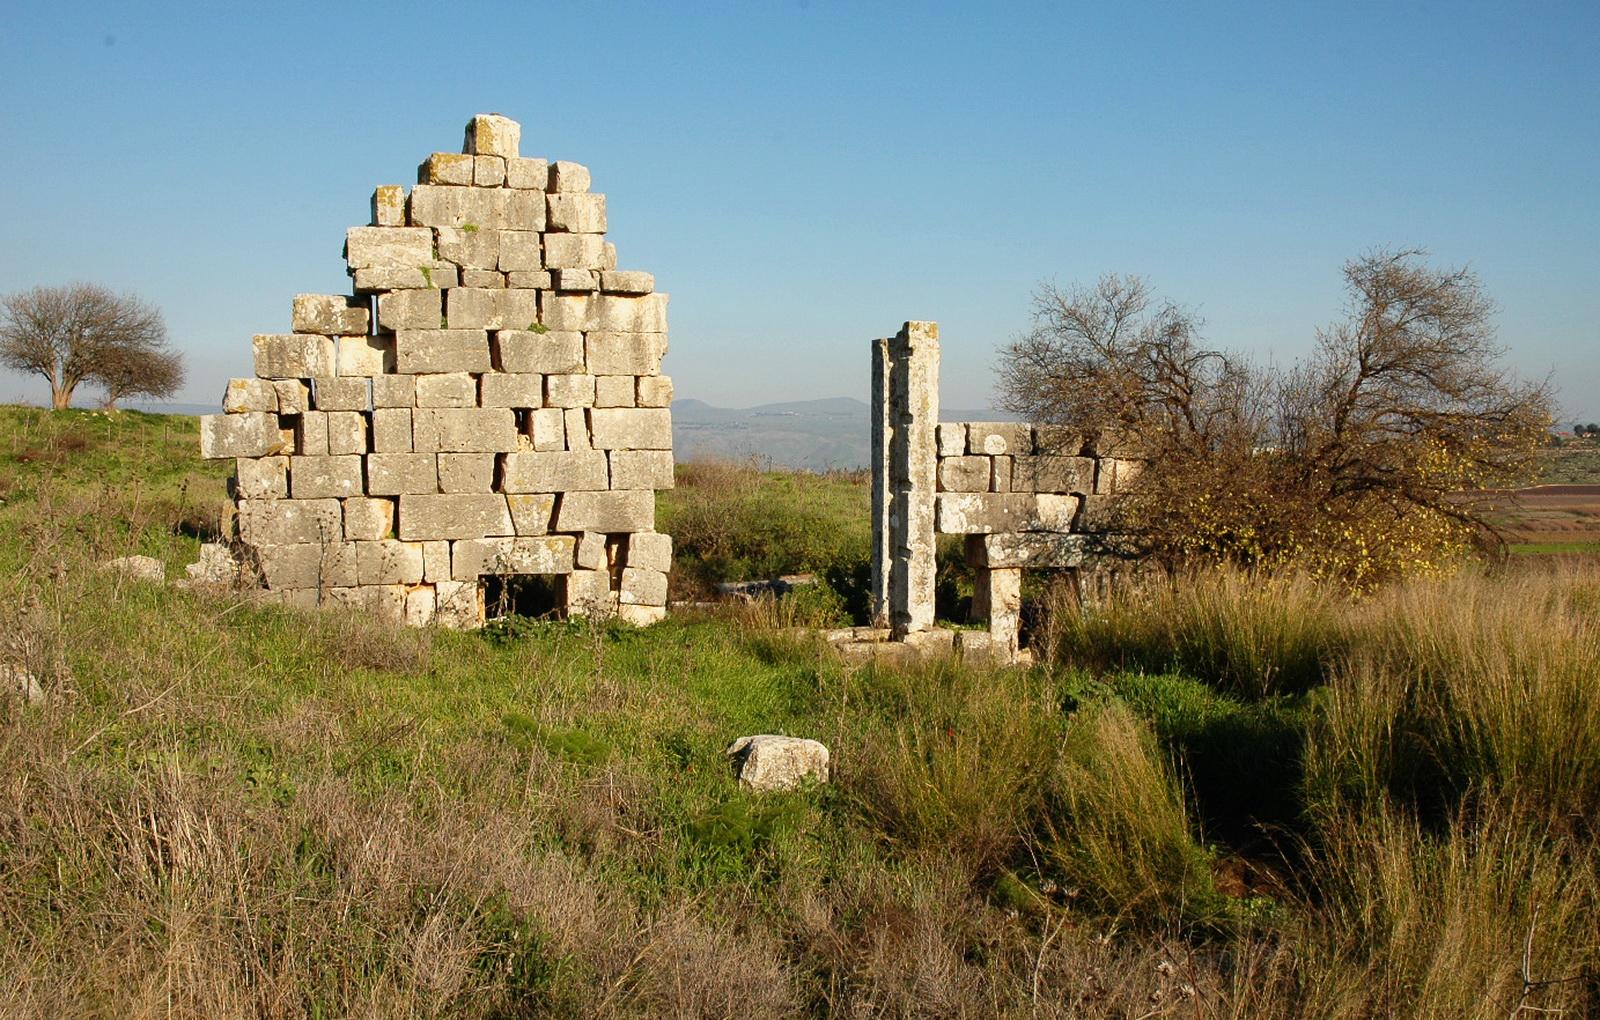 גליל עליון - תל קדש - אתר פולחני (רומי) פגני - שרידי המבנה